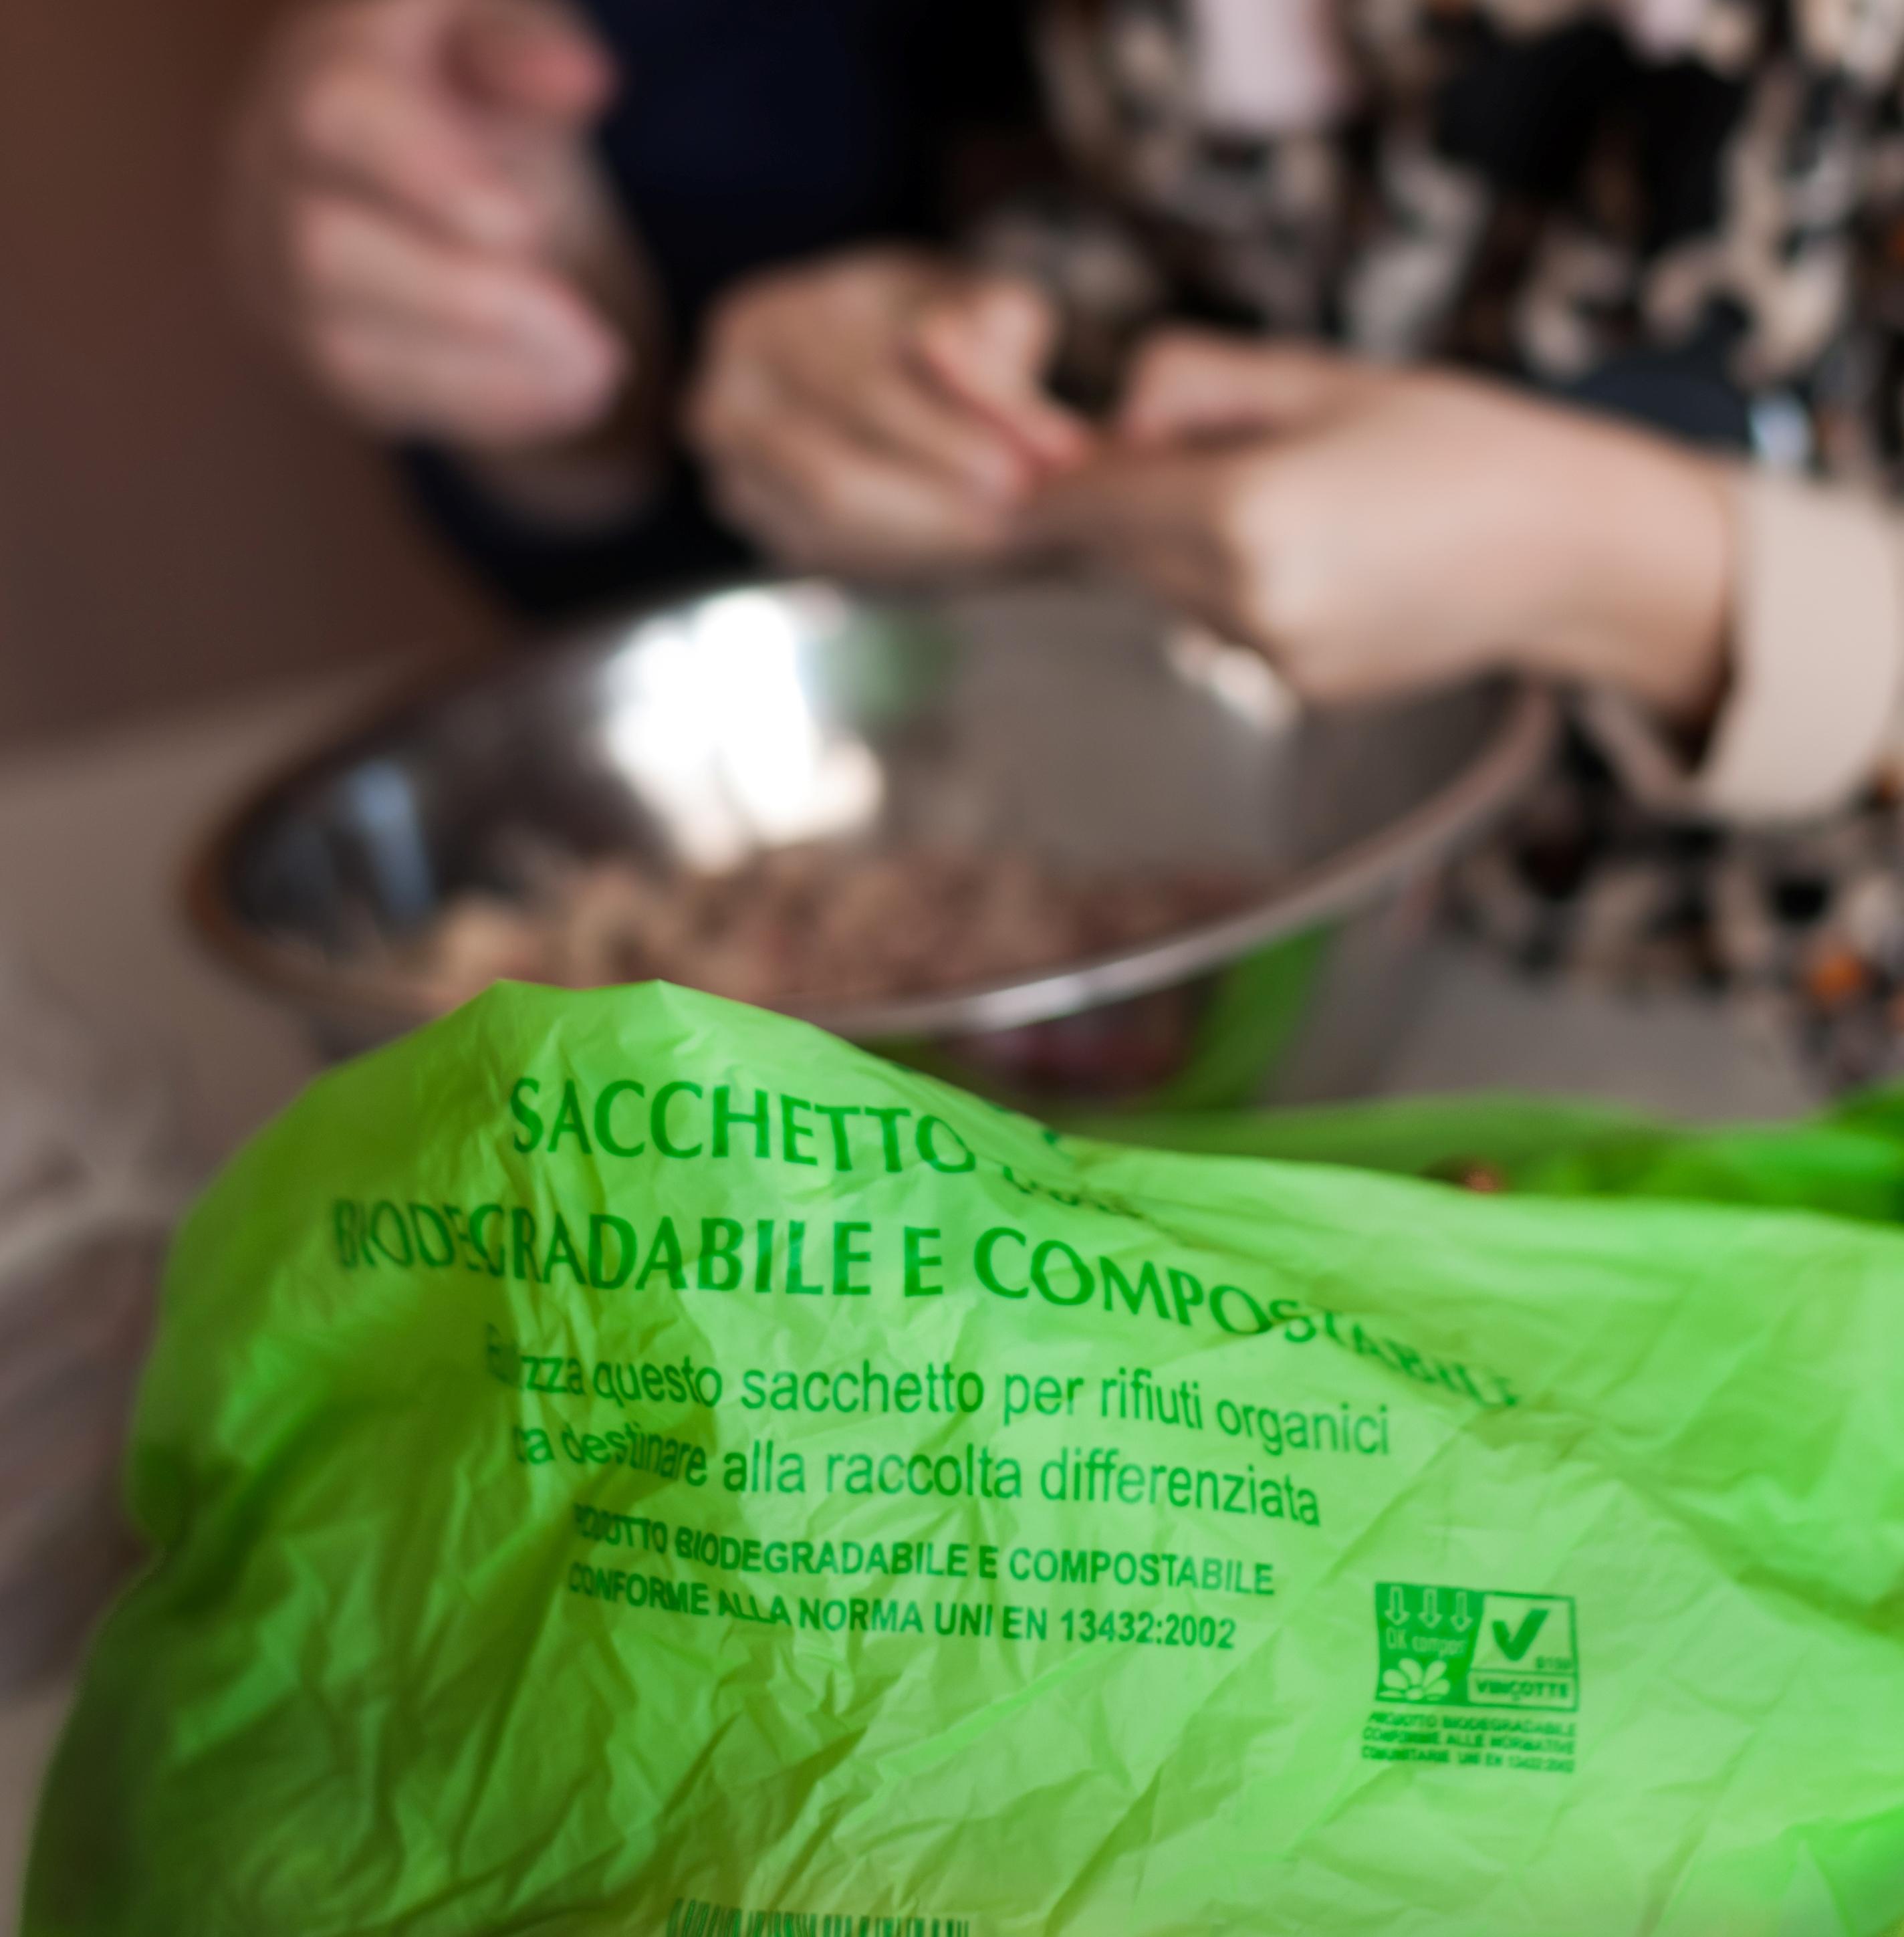 sacchetti biodegradabili a pagamento